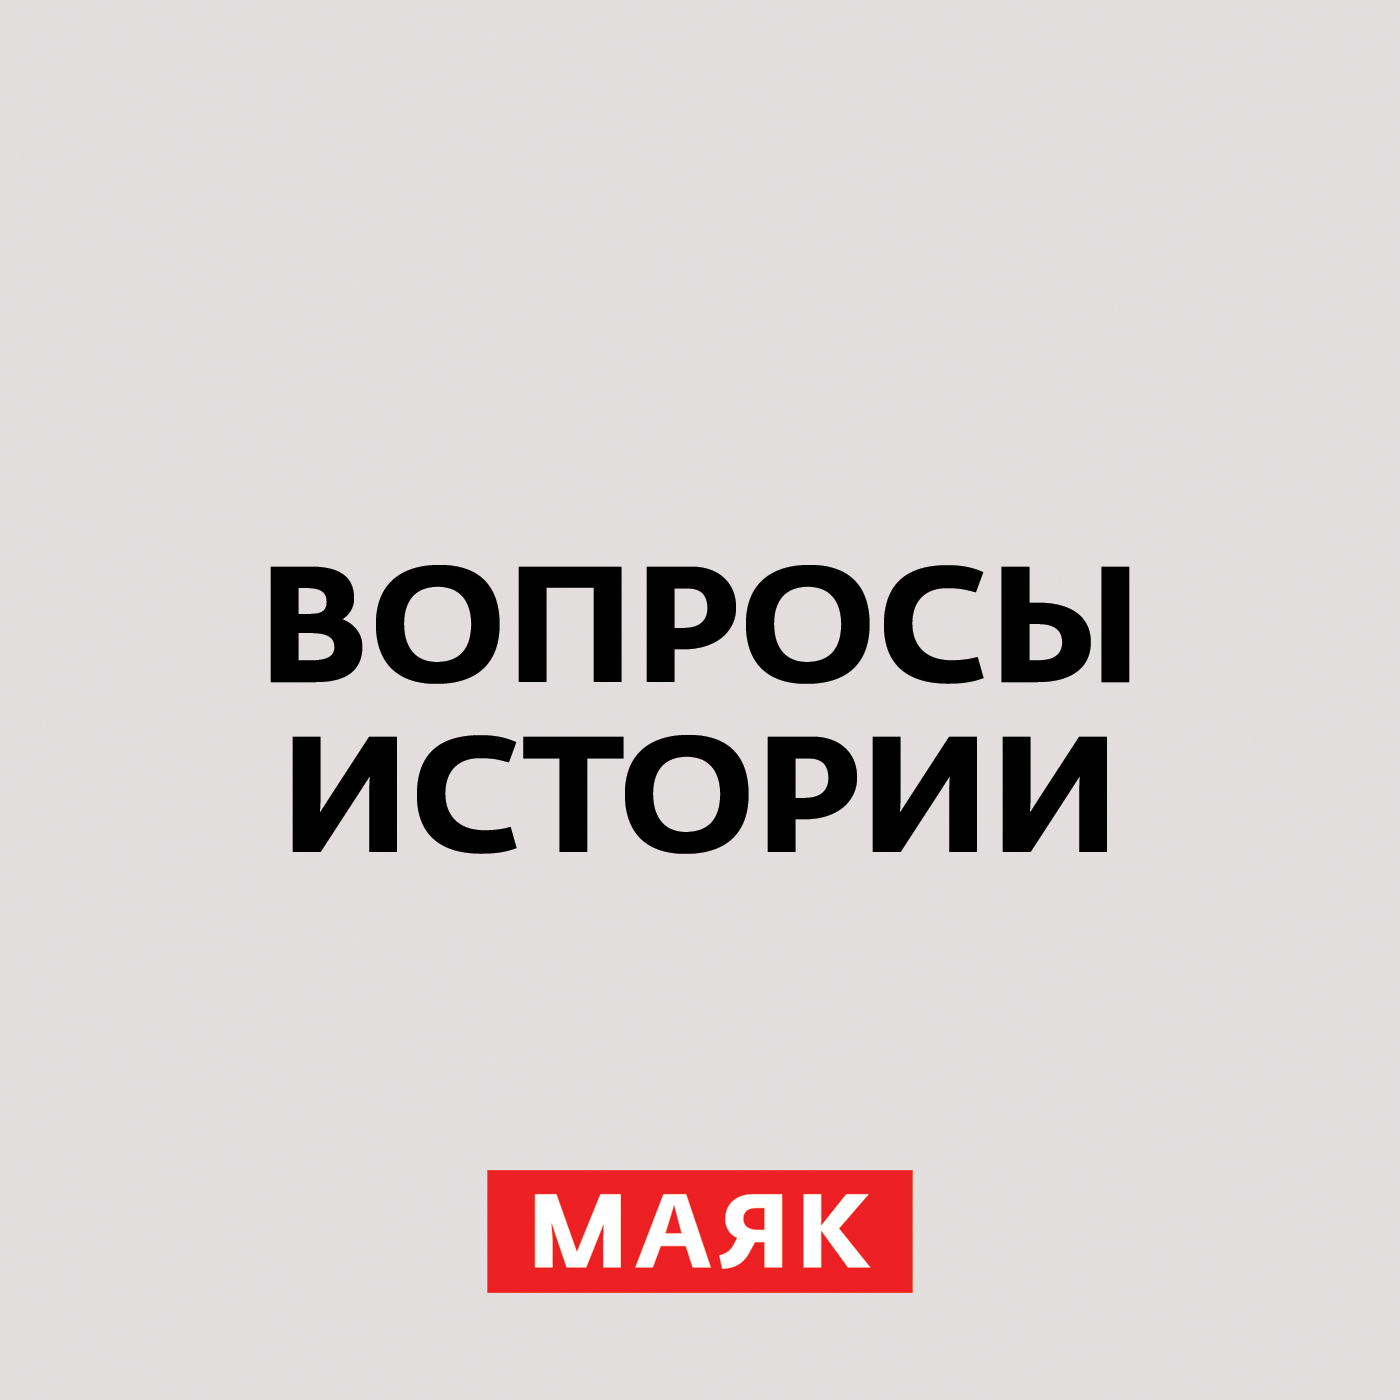 Андрей Светенко Первая мировая война: предыстория конфликта андрей светенко первая мировая никто не рассчитывал долго сидеть в окопах